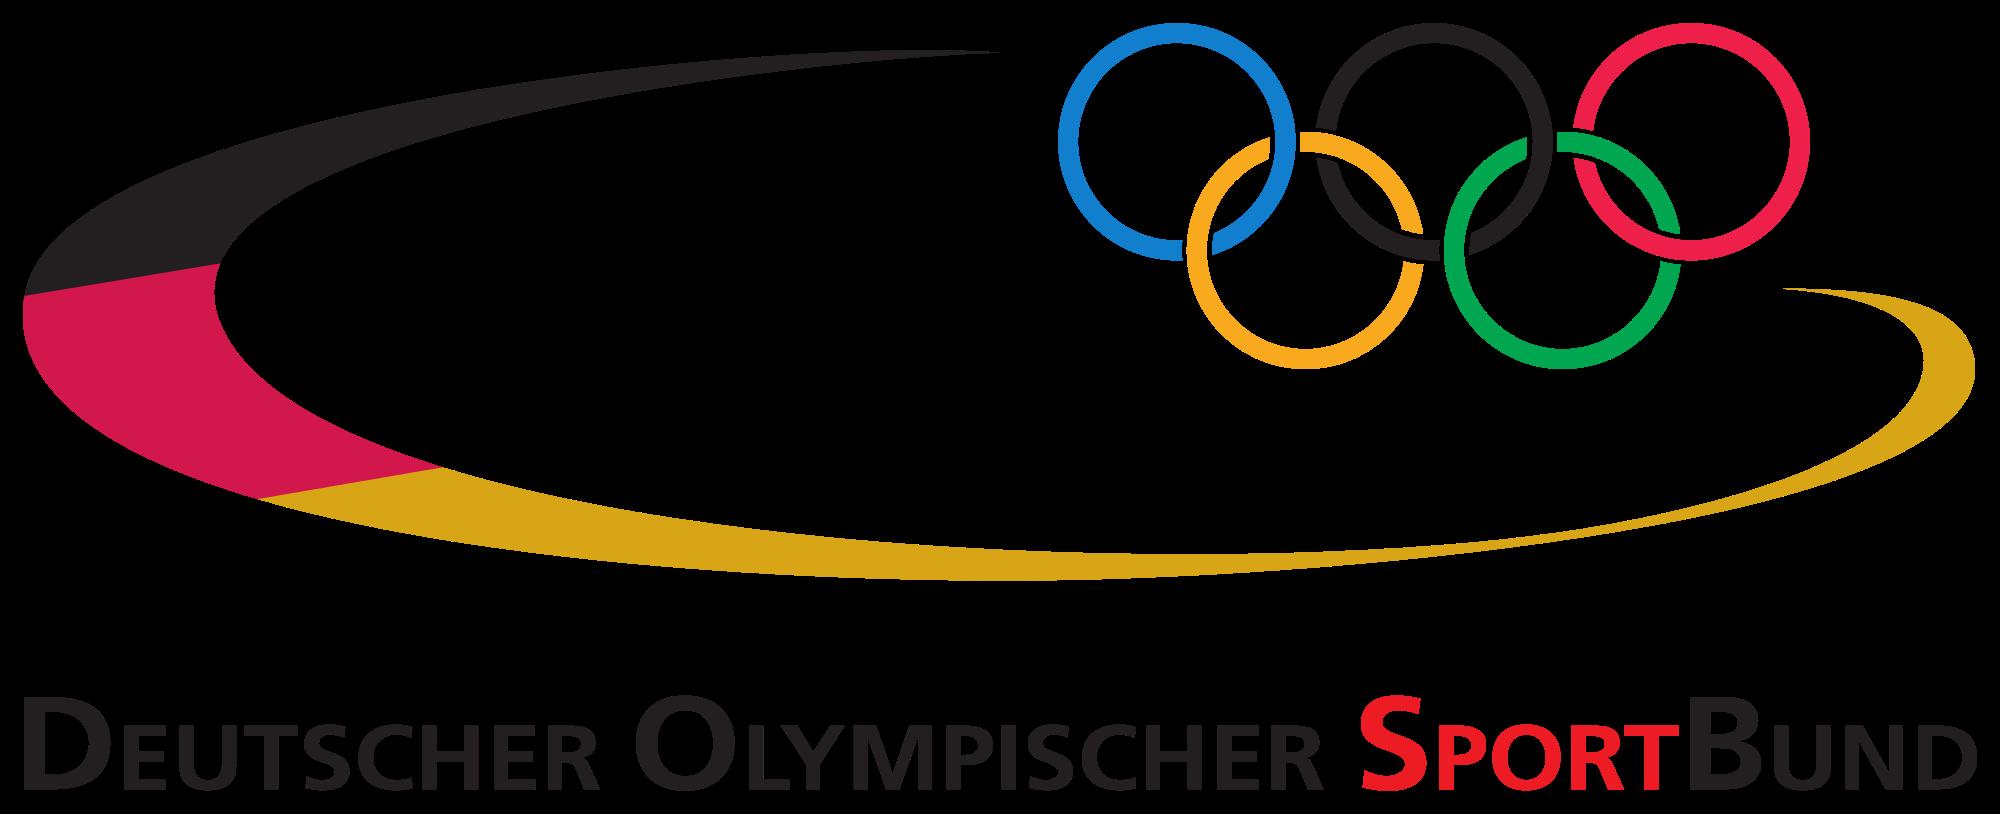 Datei:Logo Deutscher Olympischer Sportbund.svg - Dosb PNG